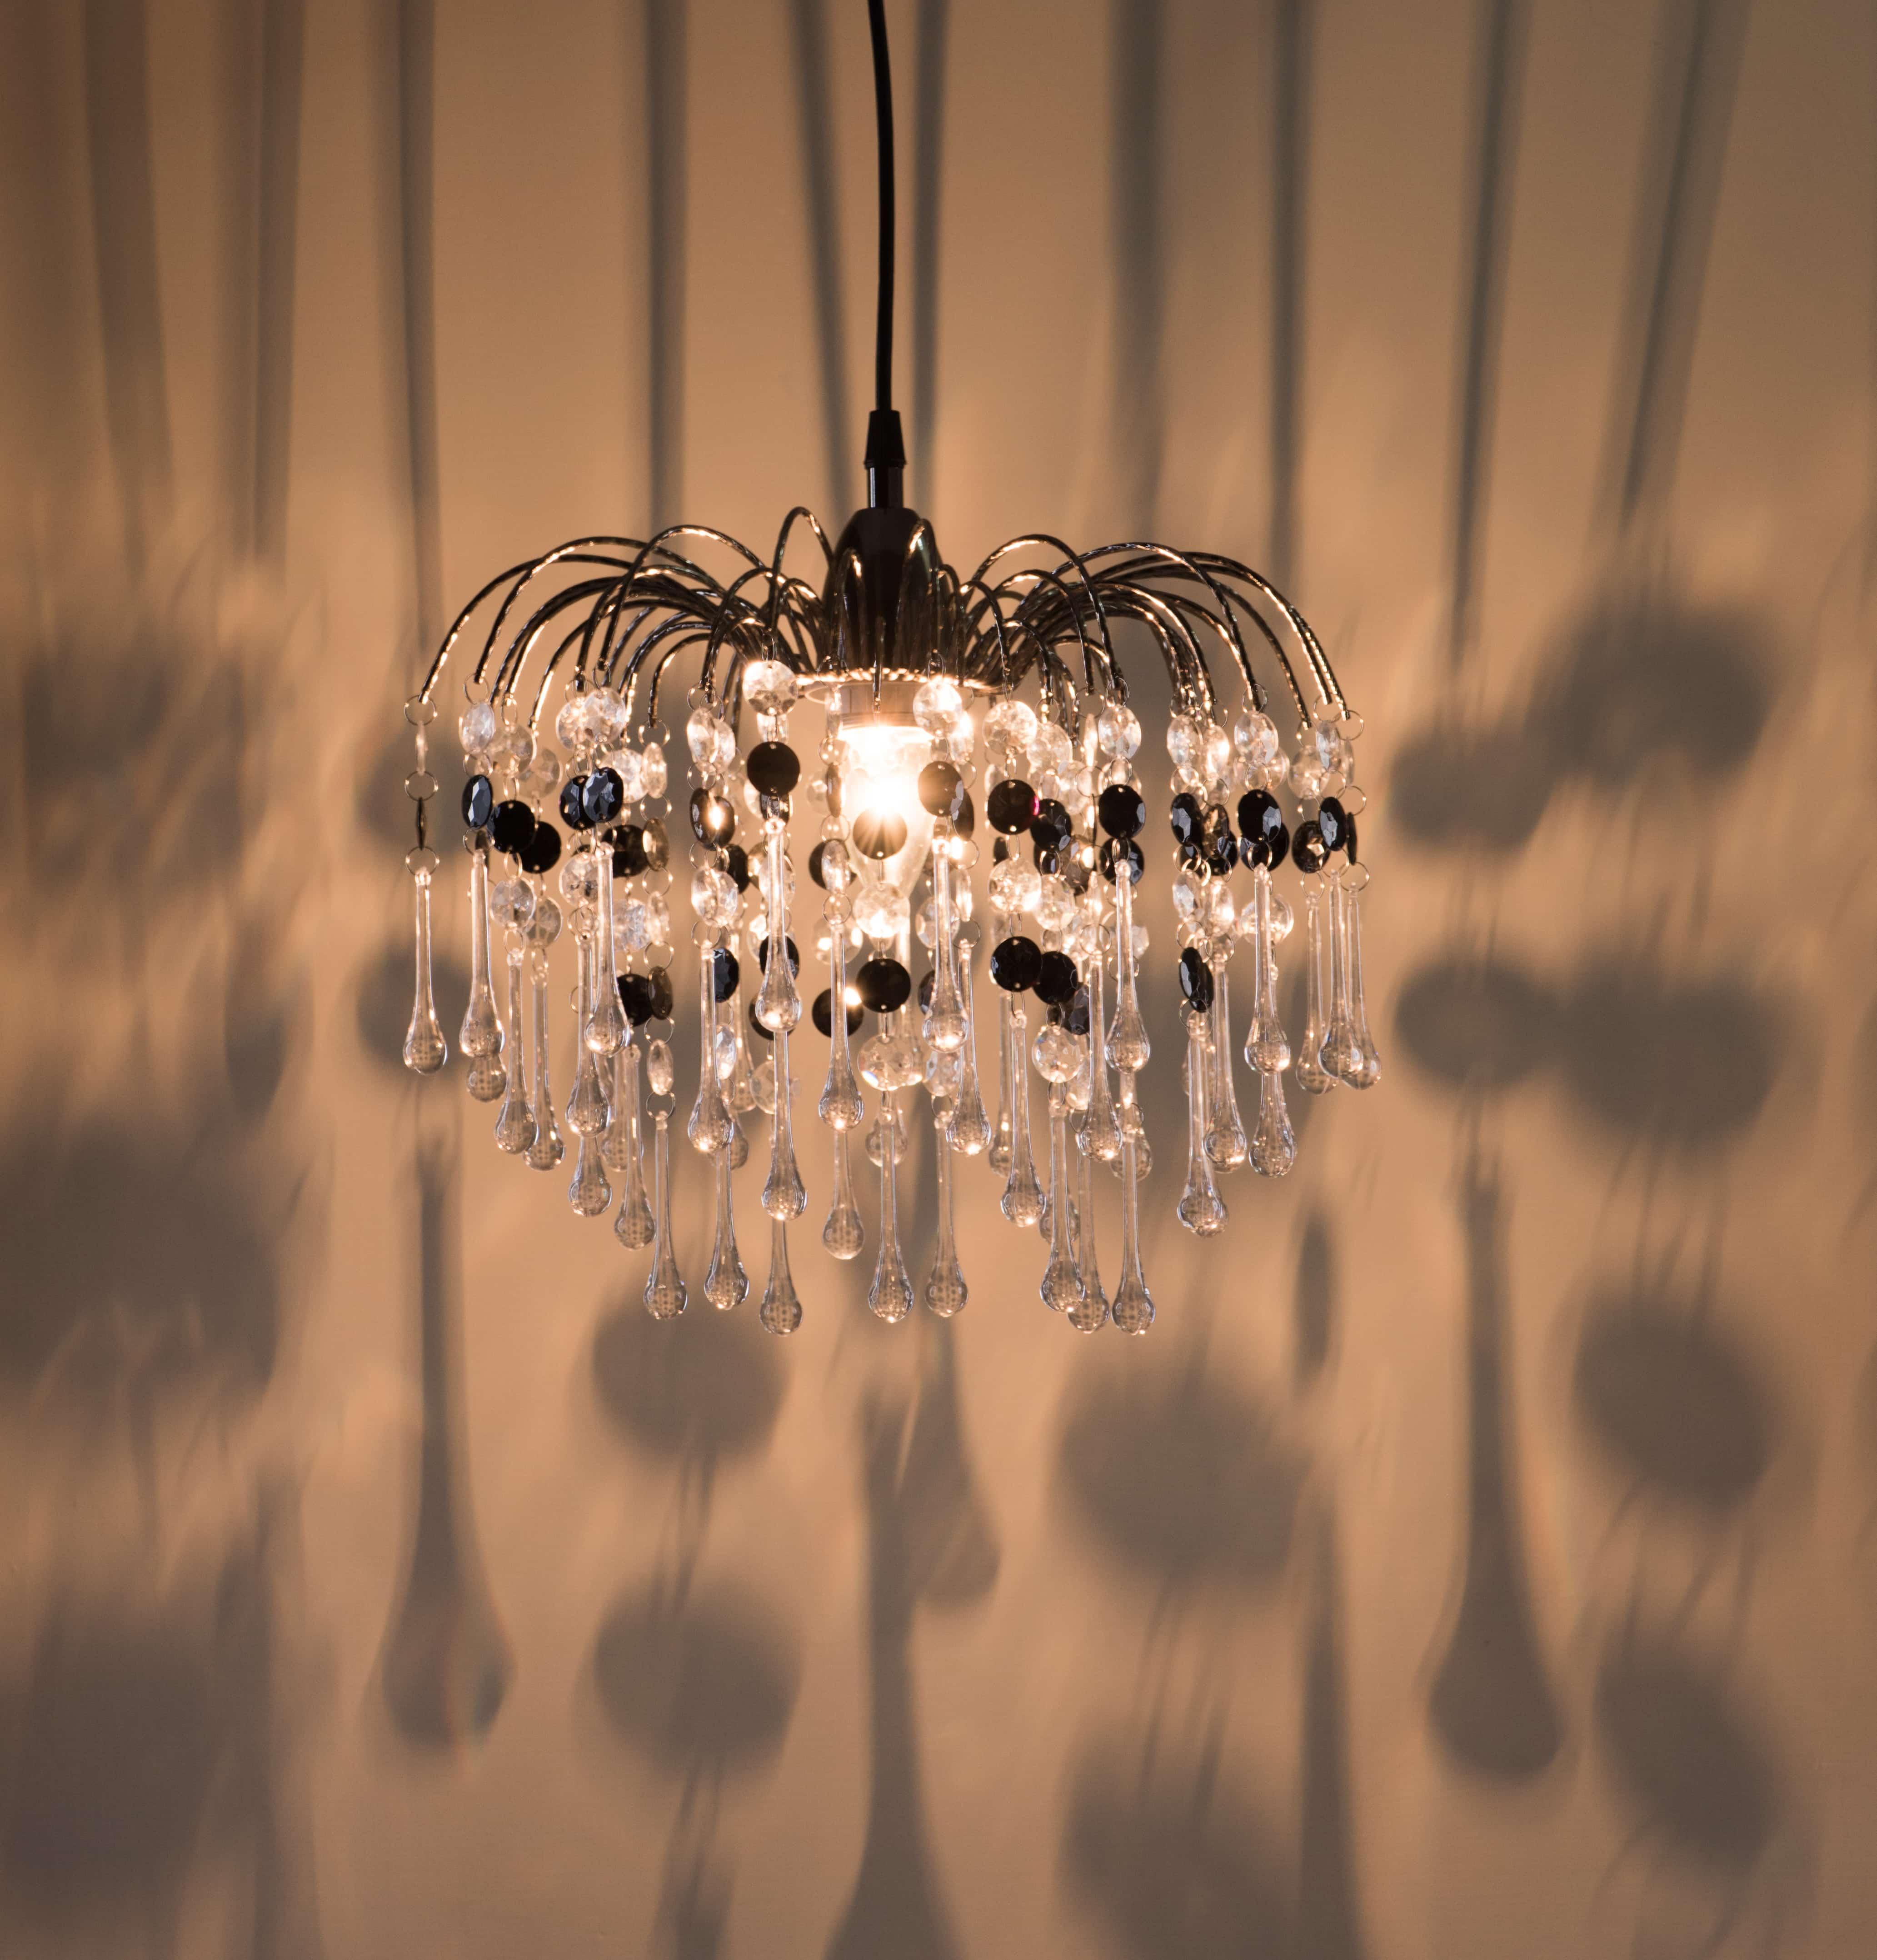 鍍鉻噴泉支架黑色壓克力珠吊燈-BNL00042 4